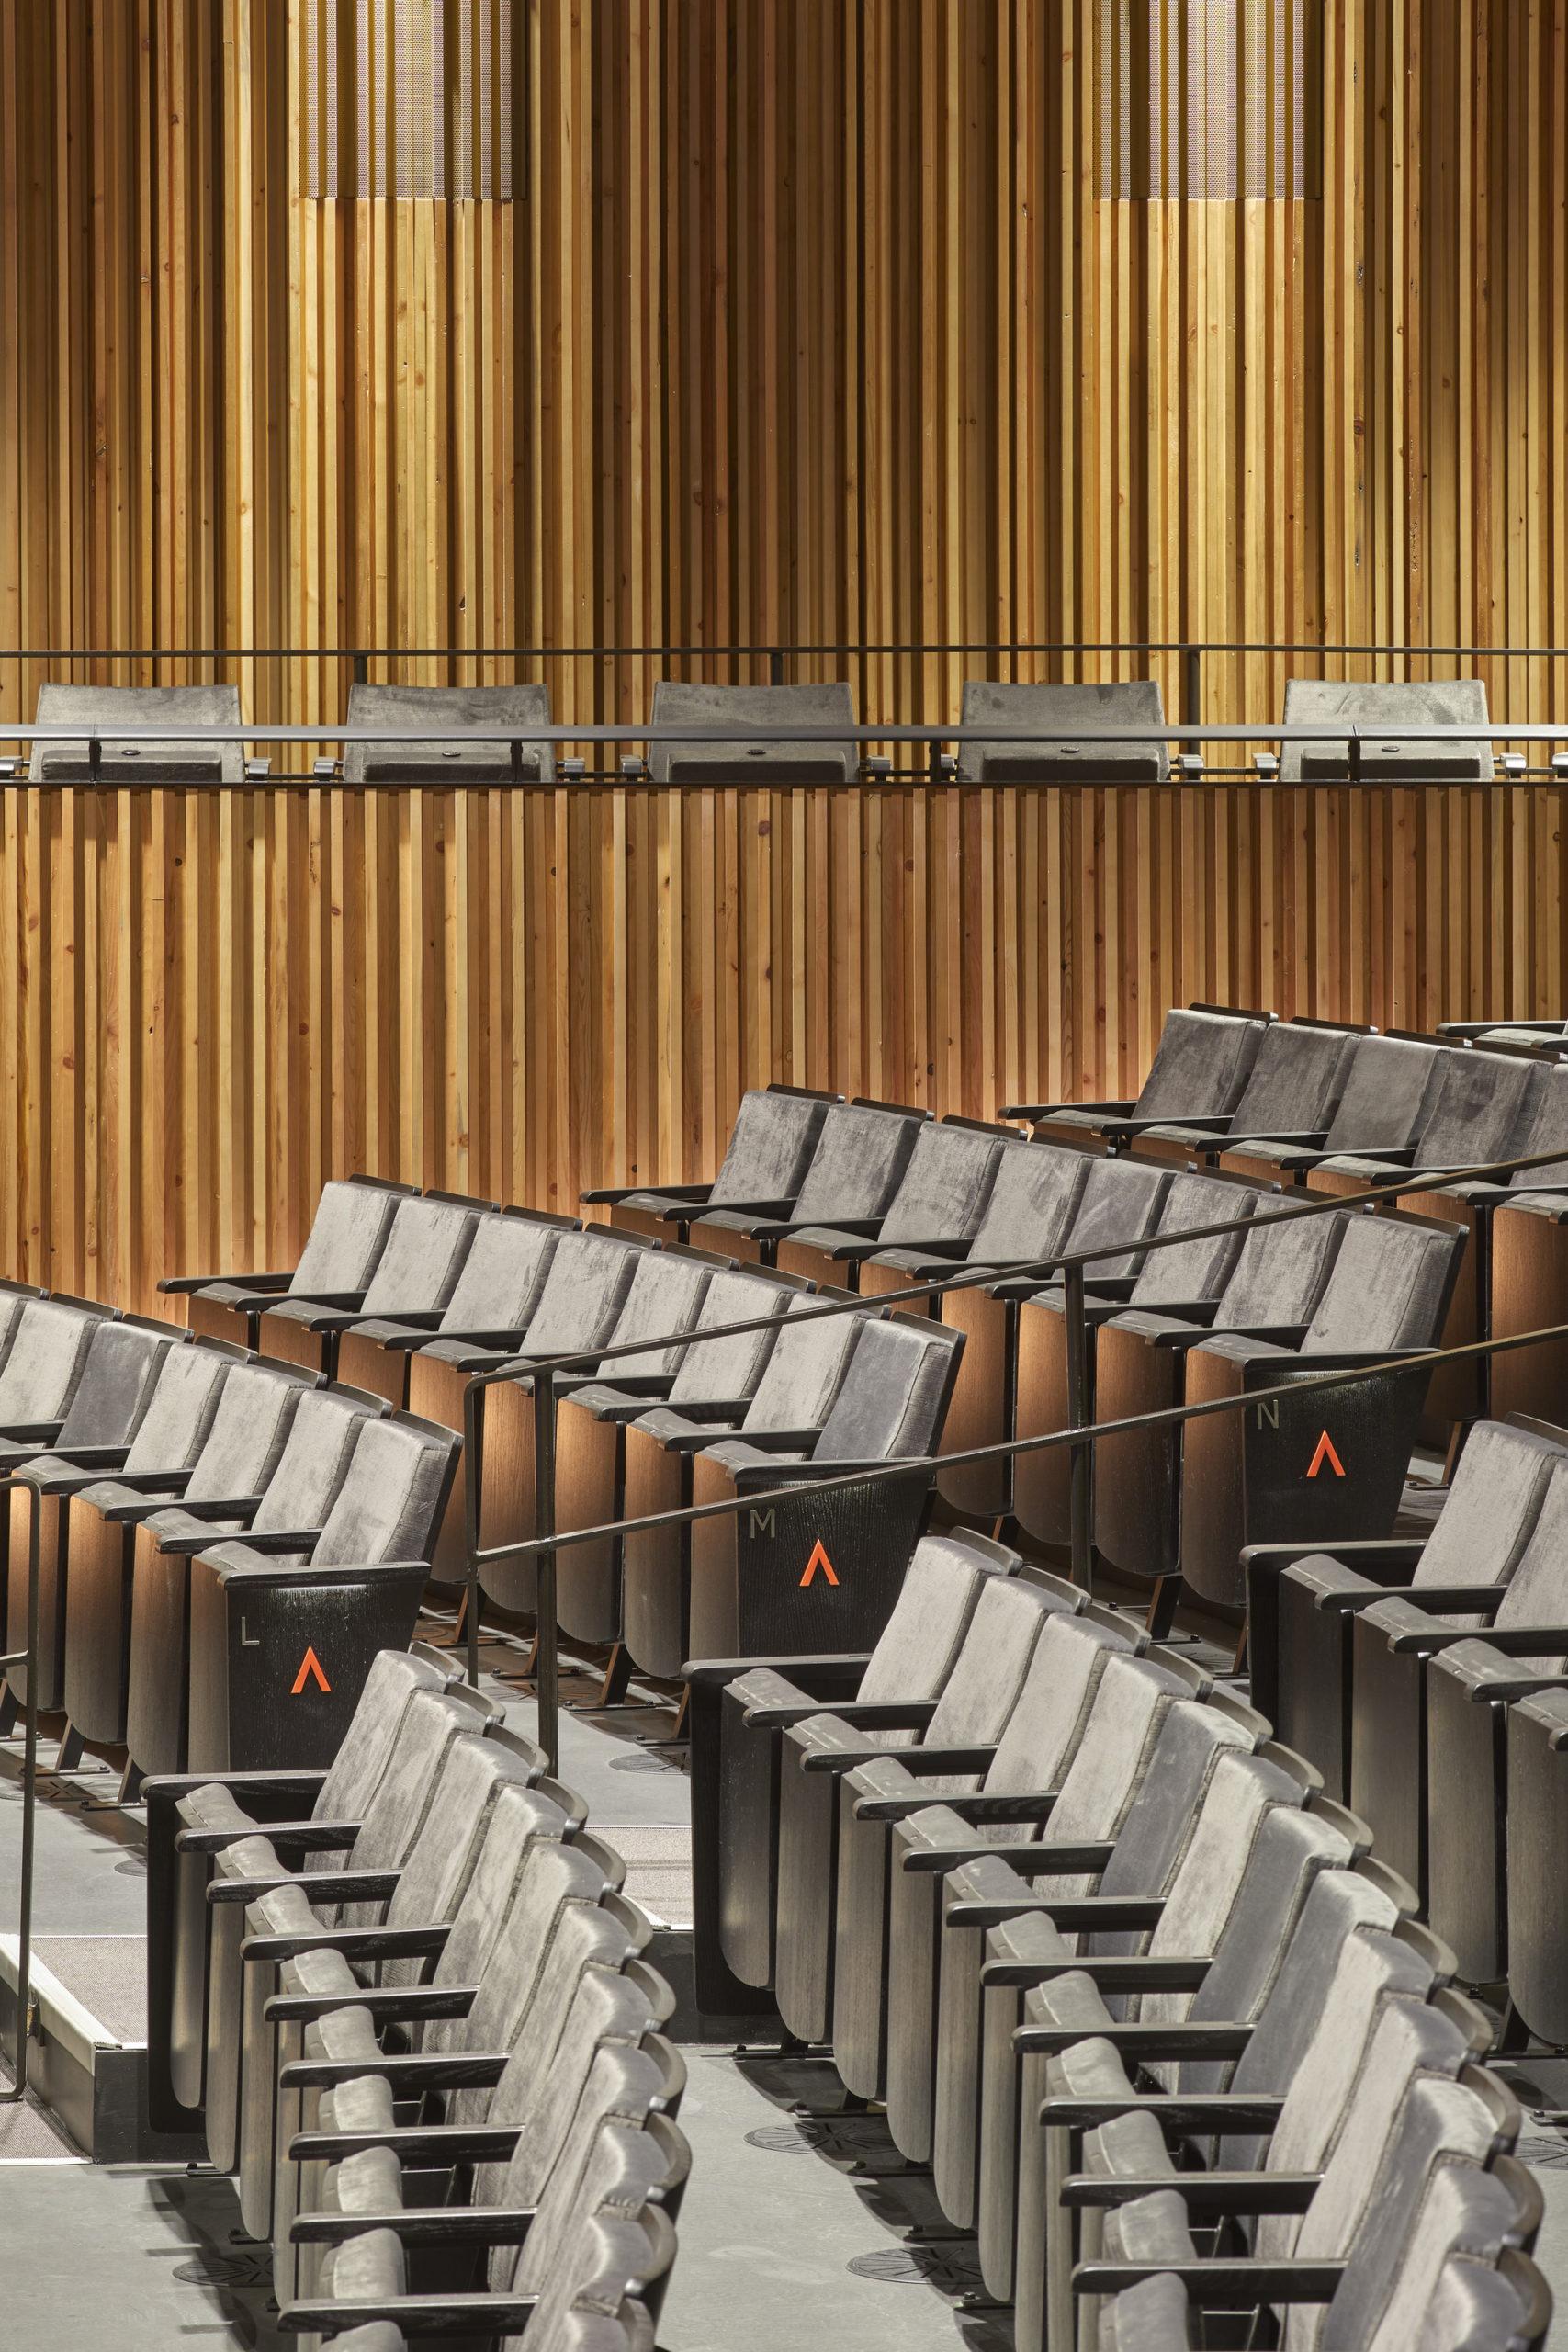 Furniture - Auditorium